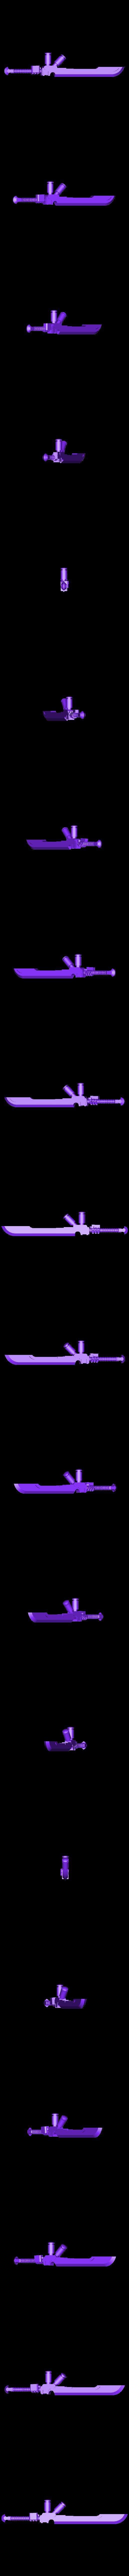 LongSeer_Morning_Sword_R_Hand.stl Télécharger fichier STL gratuit L'épée du matin du Long Seer • Plan imprimable en 3D, buckhedges